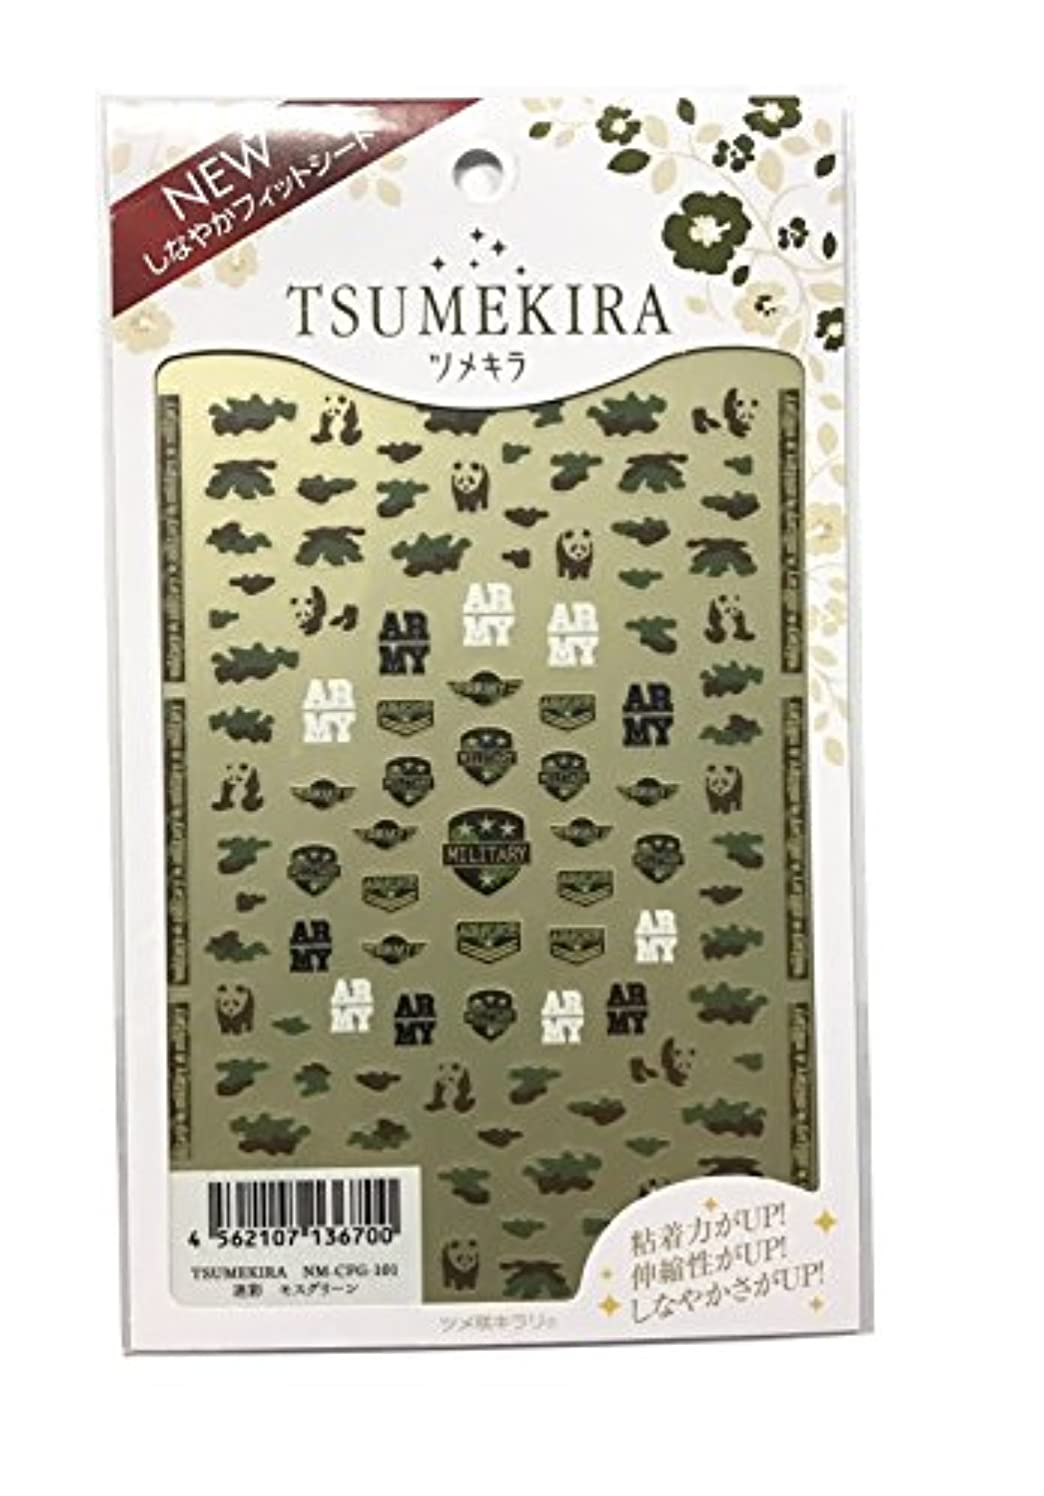 早熟サロン繊維ツメキラ(TSUMEKIRA) ネイル用シール 迷彩 モスグリーン NM-CFG-101